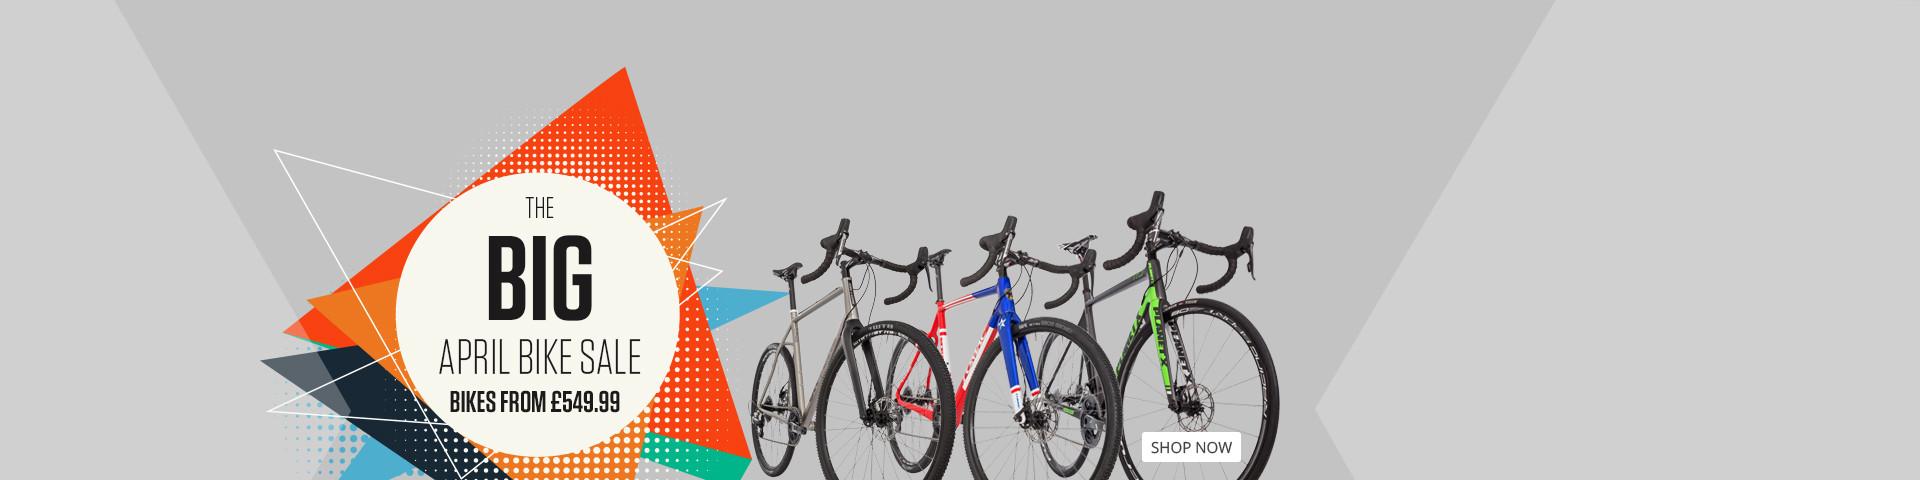 The Big Bike Sale